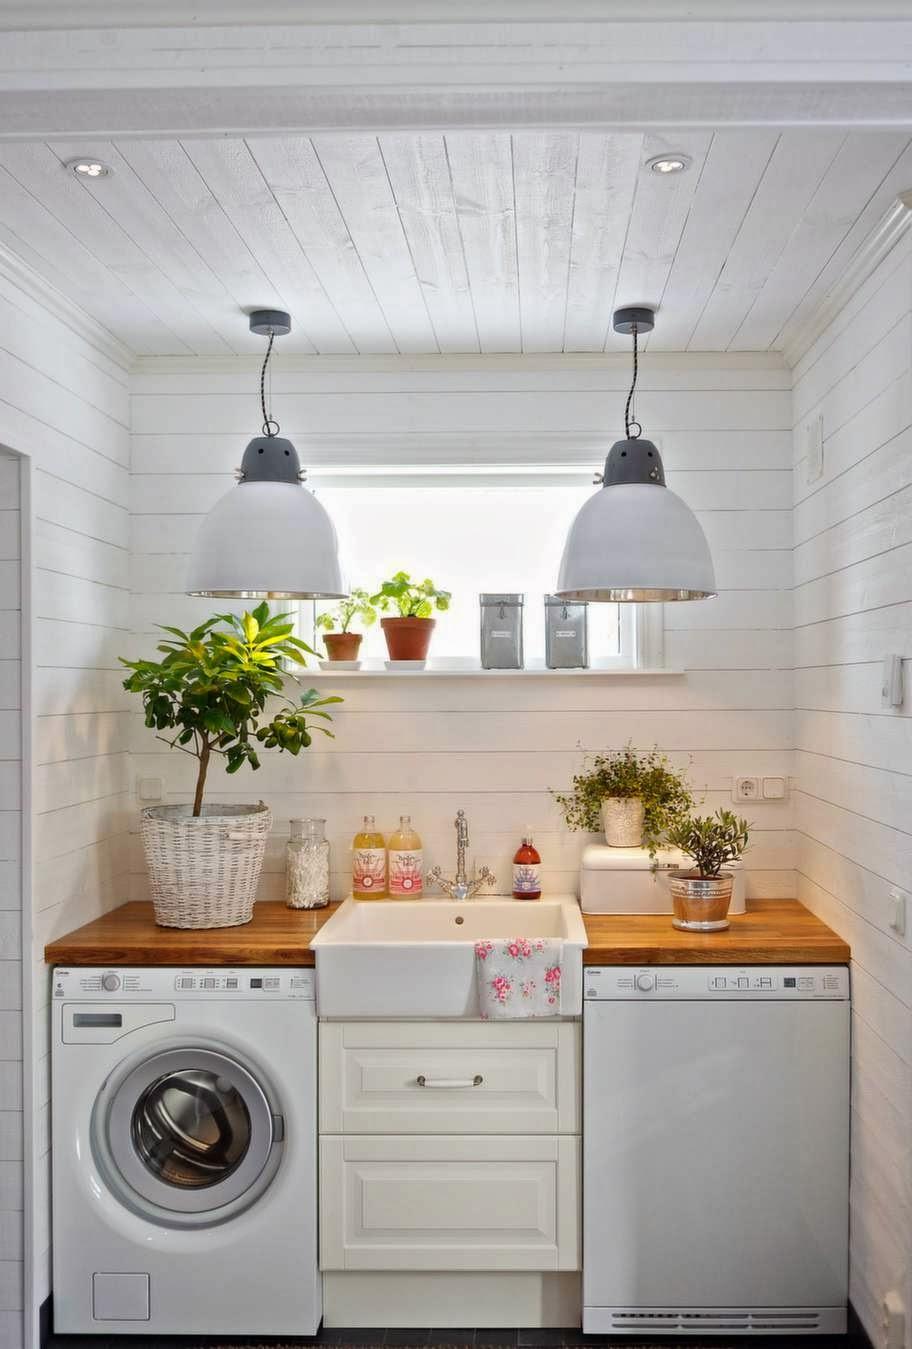 Kleines badezimmer design 5 'x 6' julia hiedels juliahiedels on pinterest